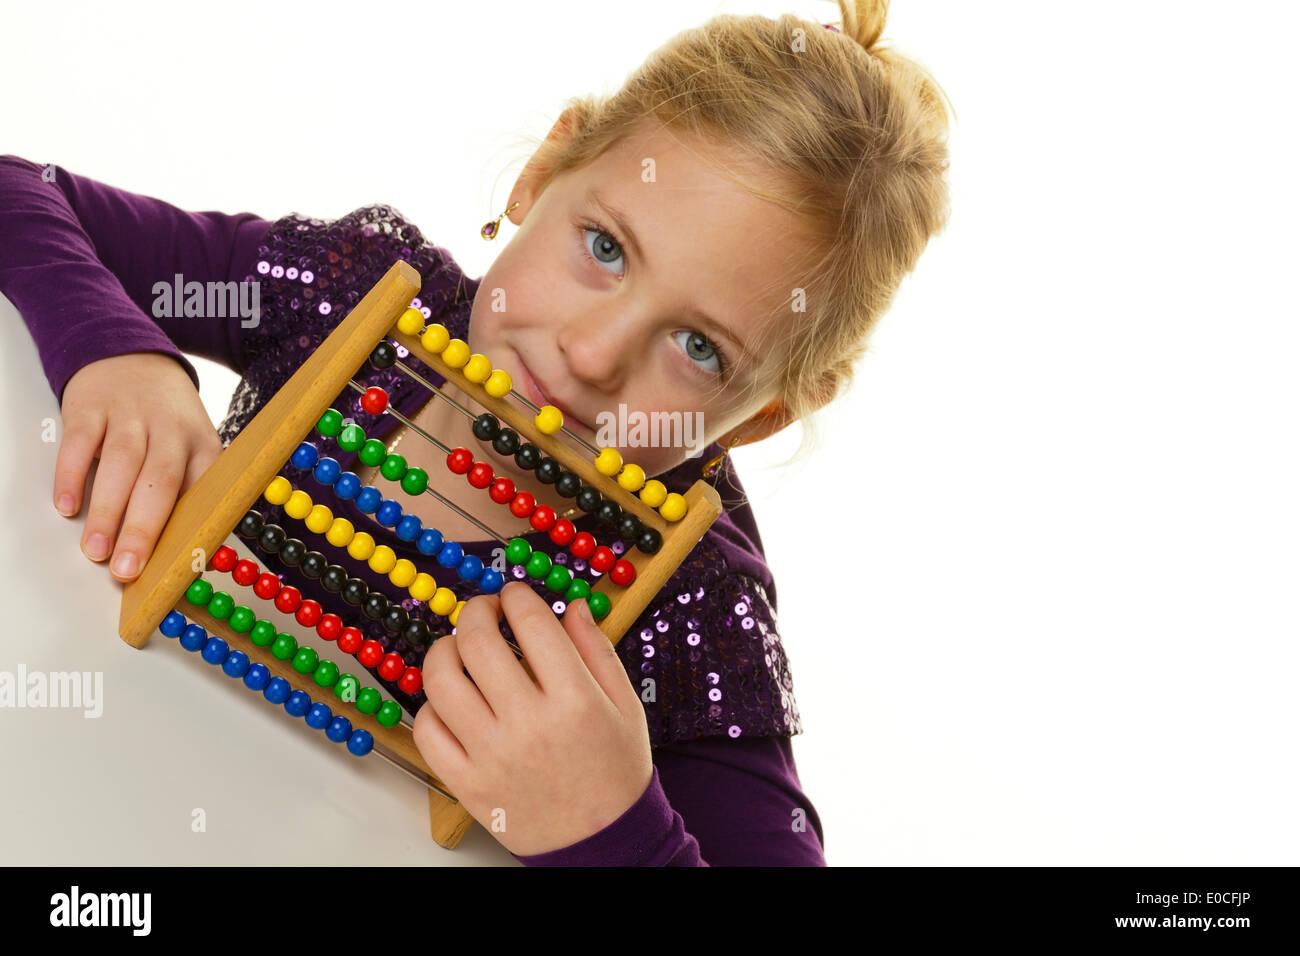 A small school child counts on an abacus., Ein kleines Schulkind rechnet mit einem Abakus. Stock Photo